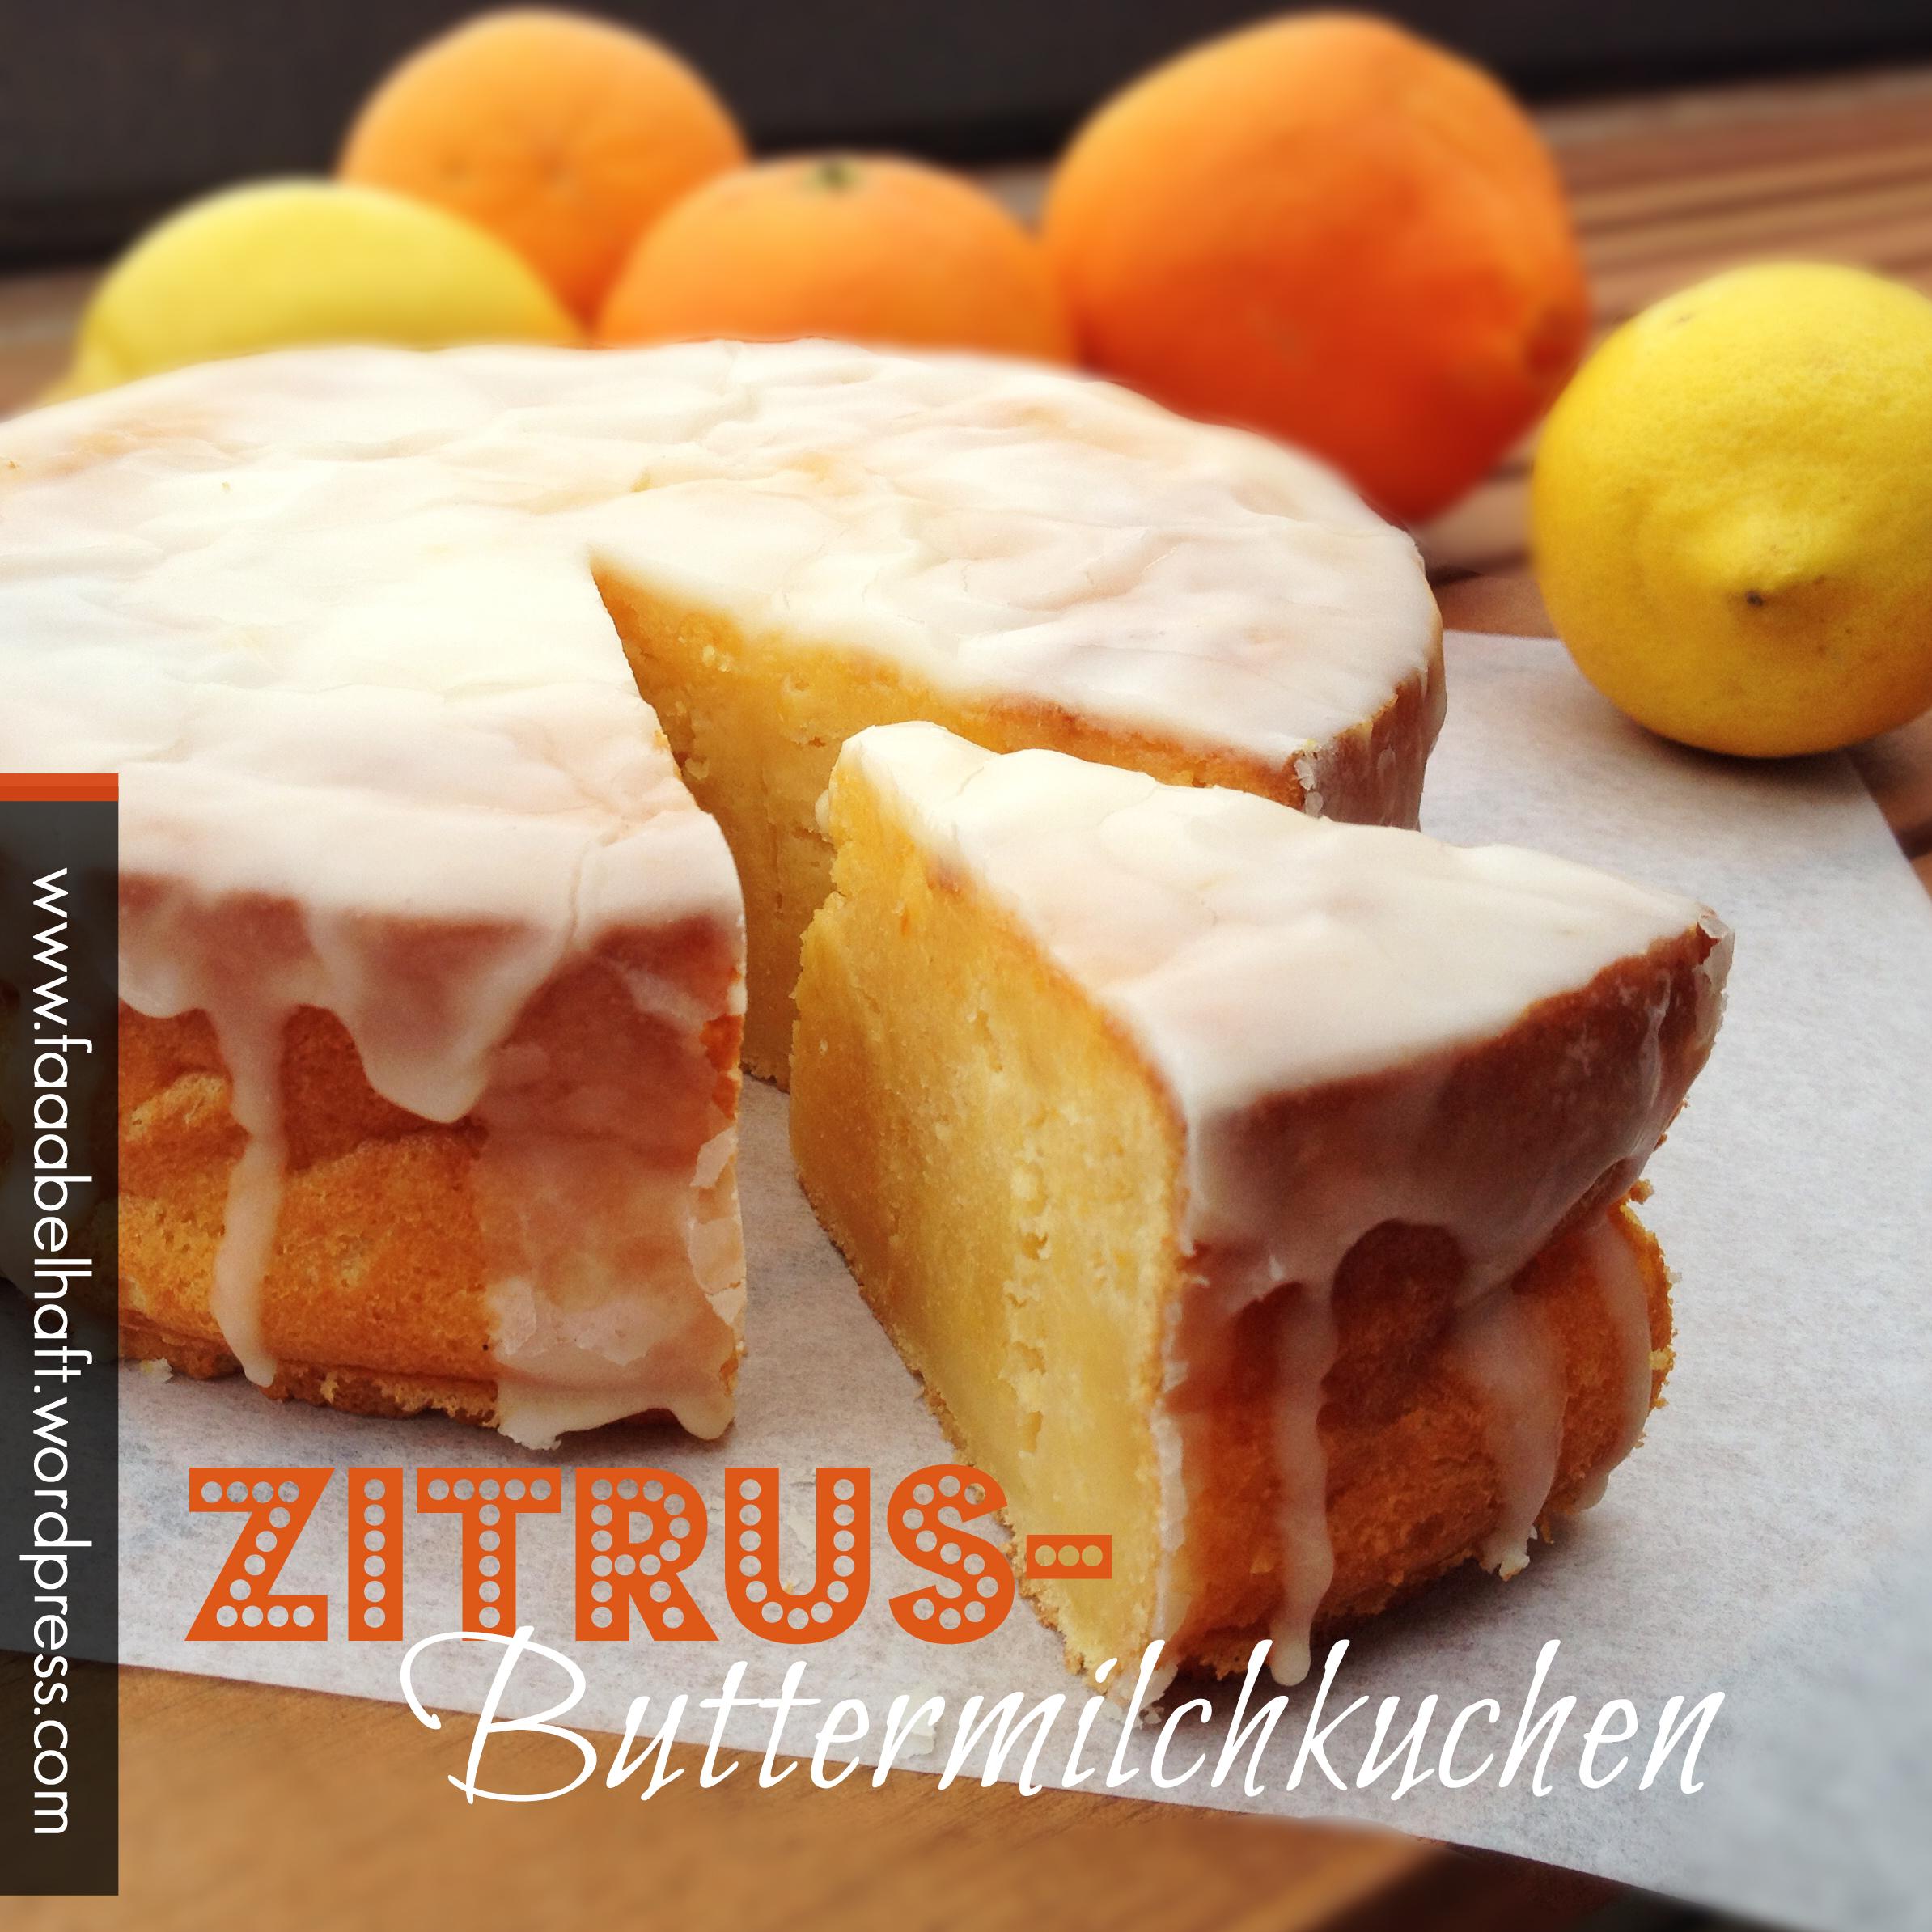 Zitrus-Buttermilchkuchen